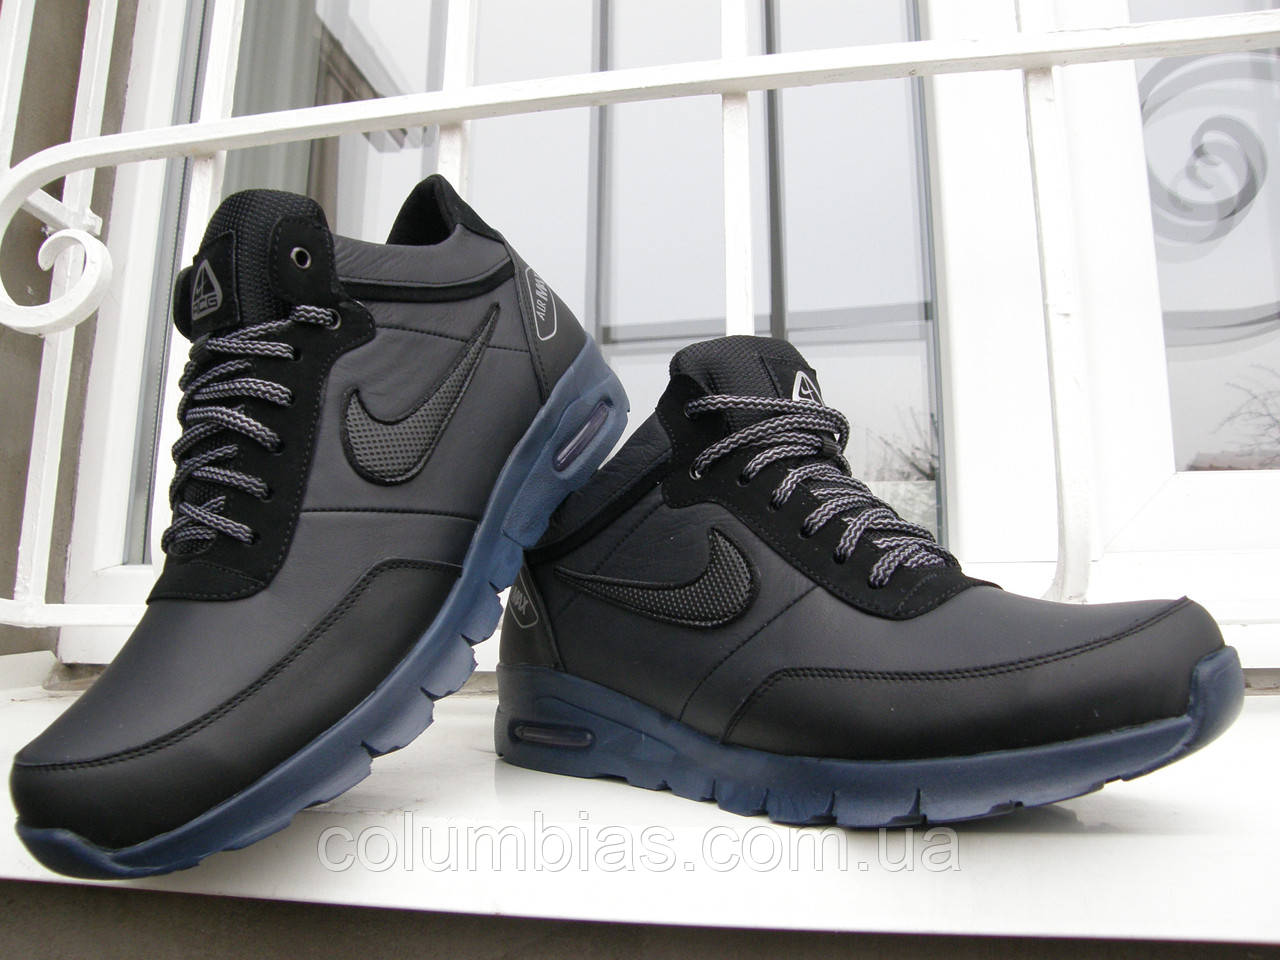 d5e6034c Зимние кроссовки Nike н9 : продажа, цена в Днепропетровской области ...